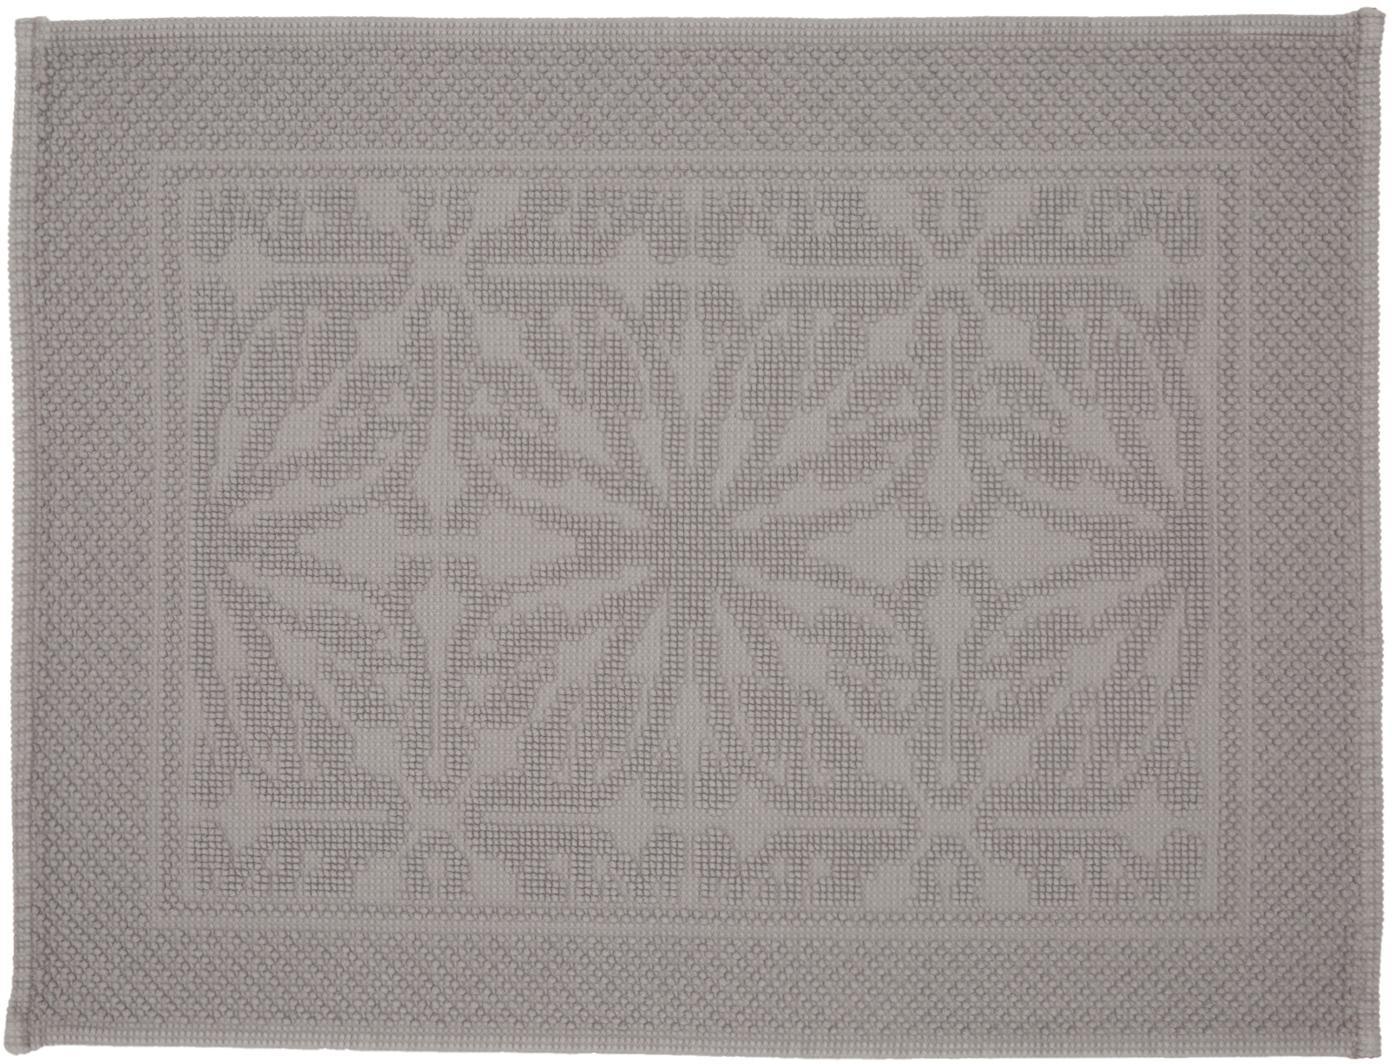 Badvorleger Hammam mit Hoch-Tief-Muster, 100% Baumwolle, schwere Qualität, 1700 g/m², Grau, 60 x 80 cm